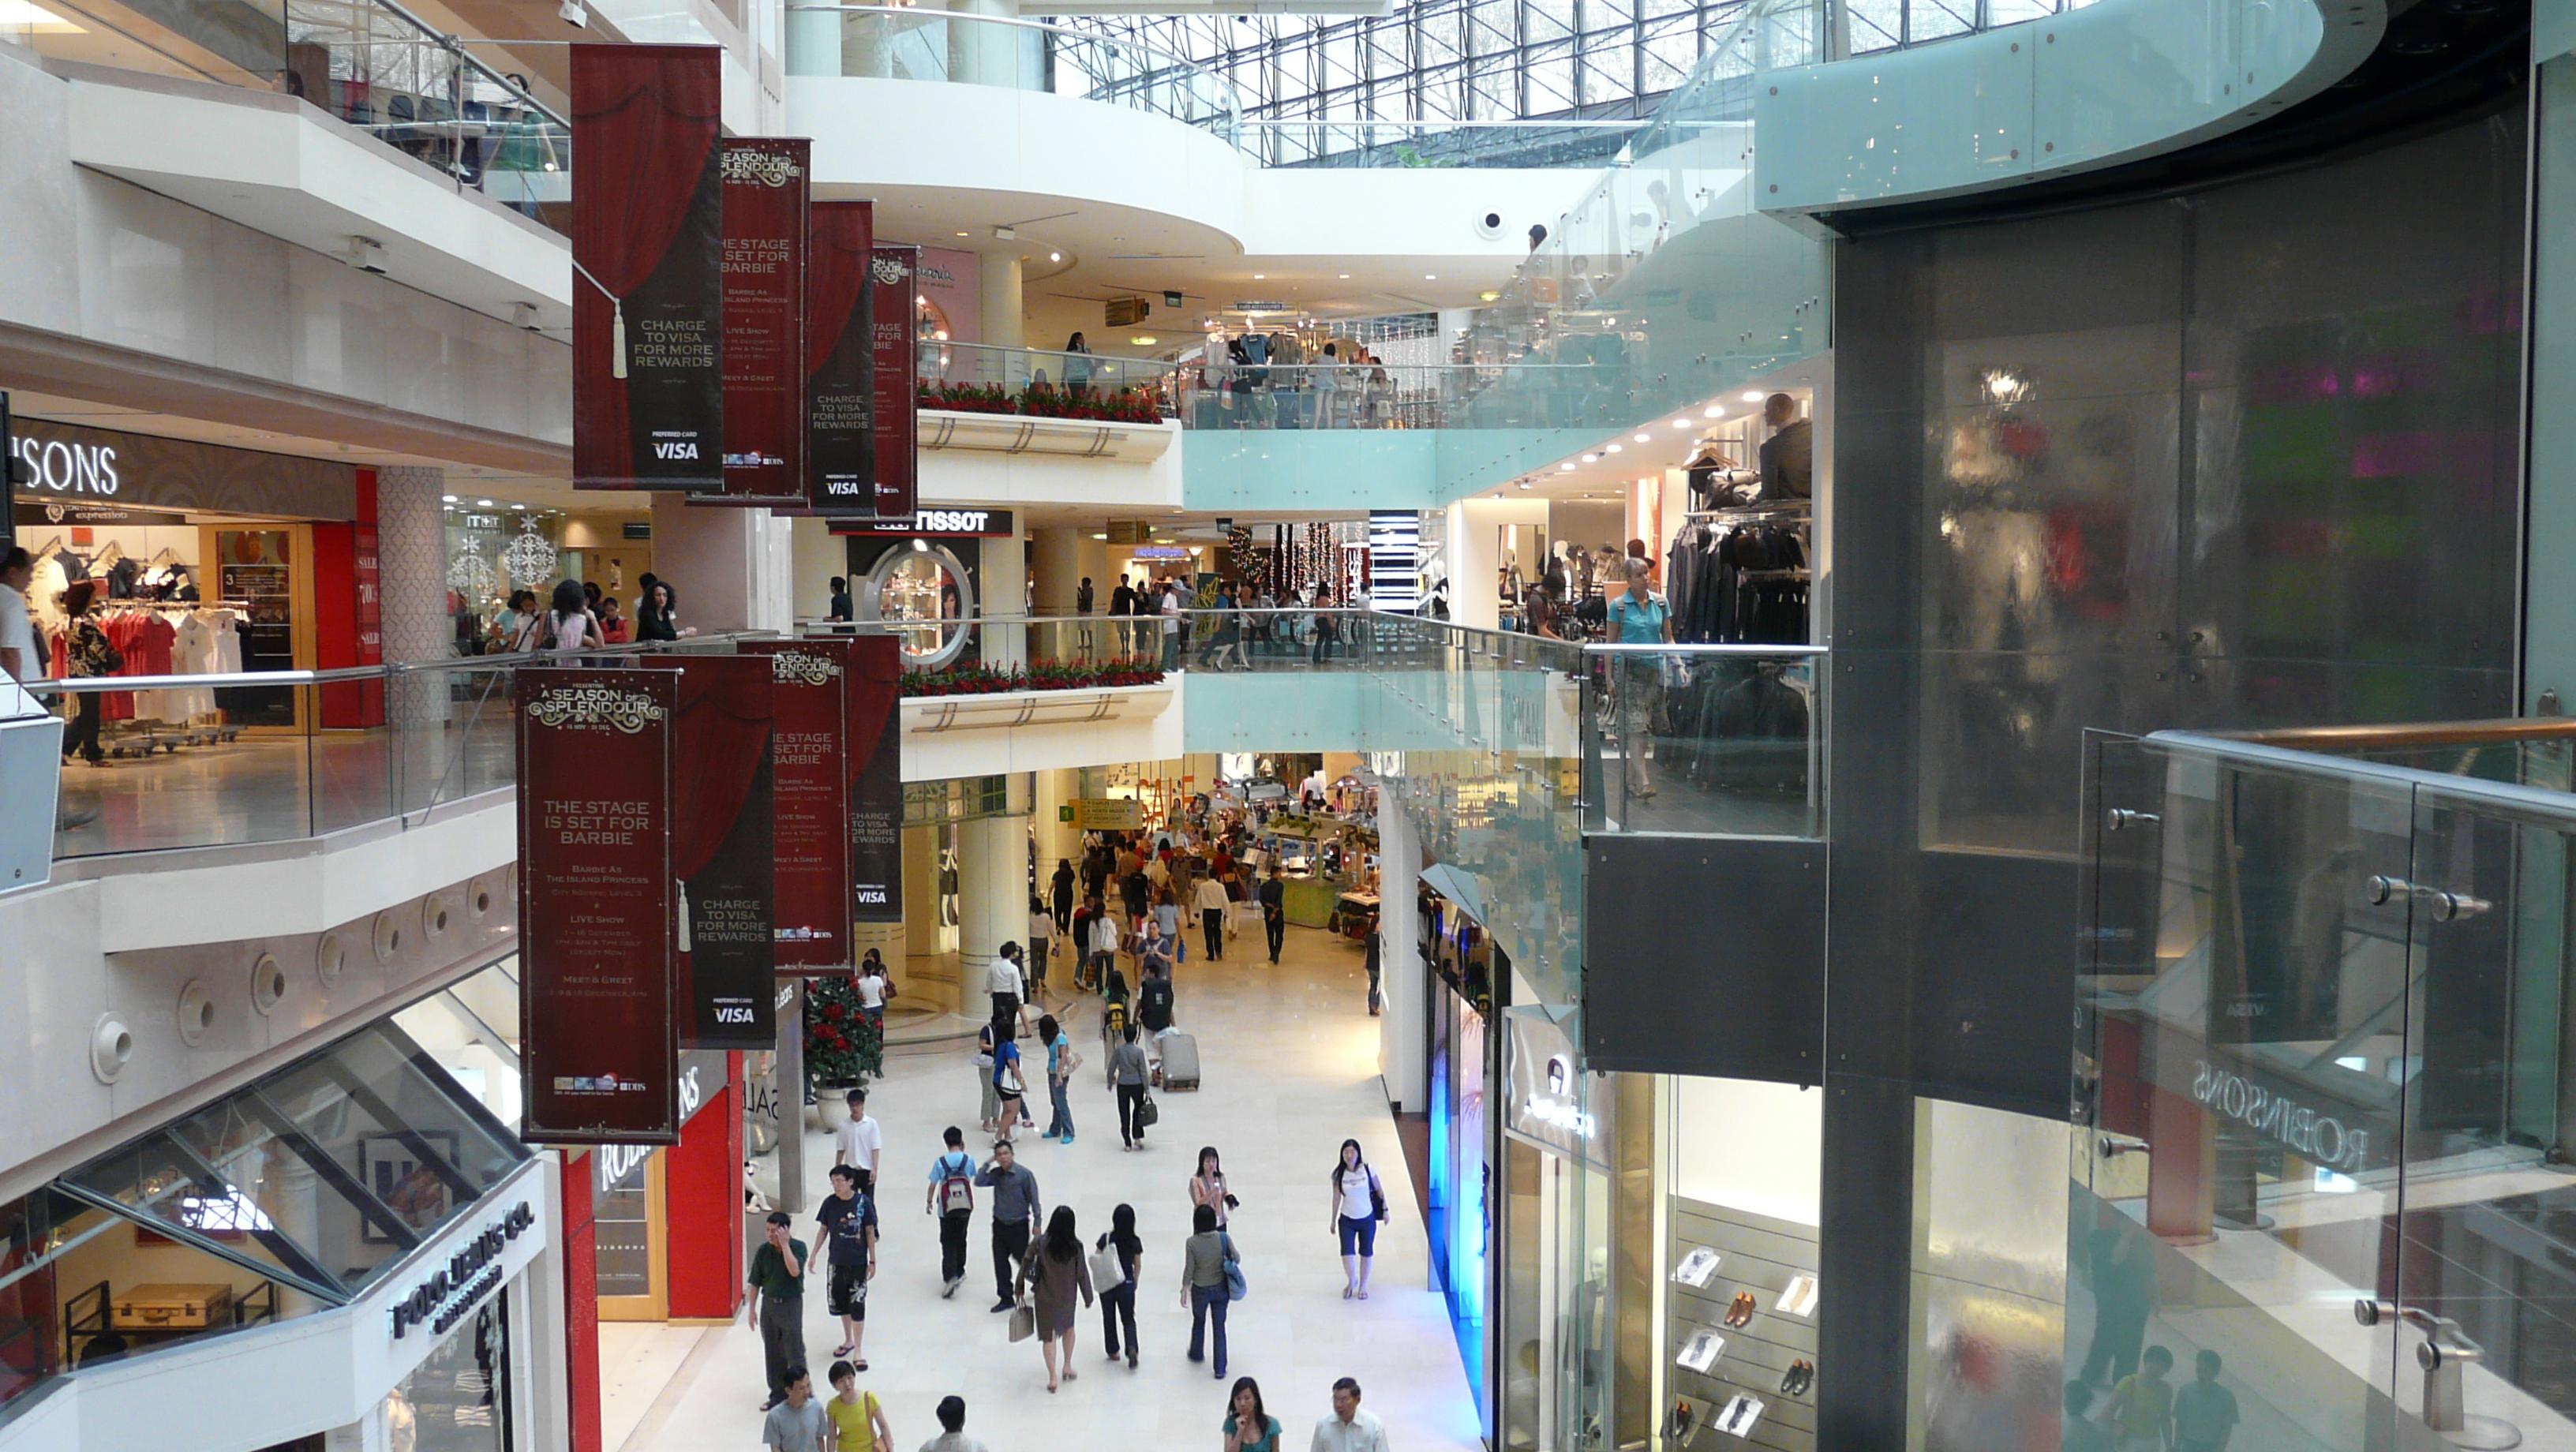 File:Raffles City Shopping Centre, Singapore - 20071226 ...